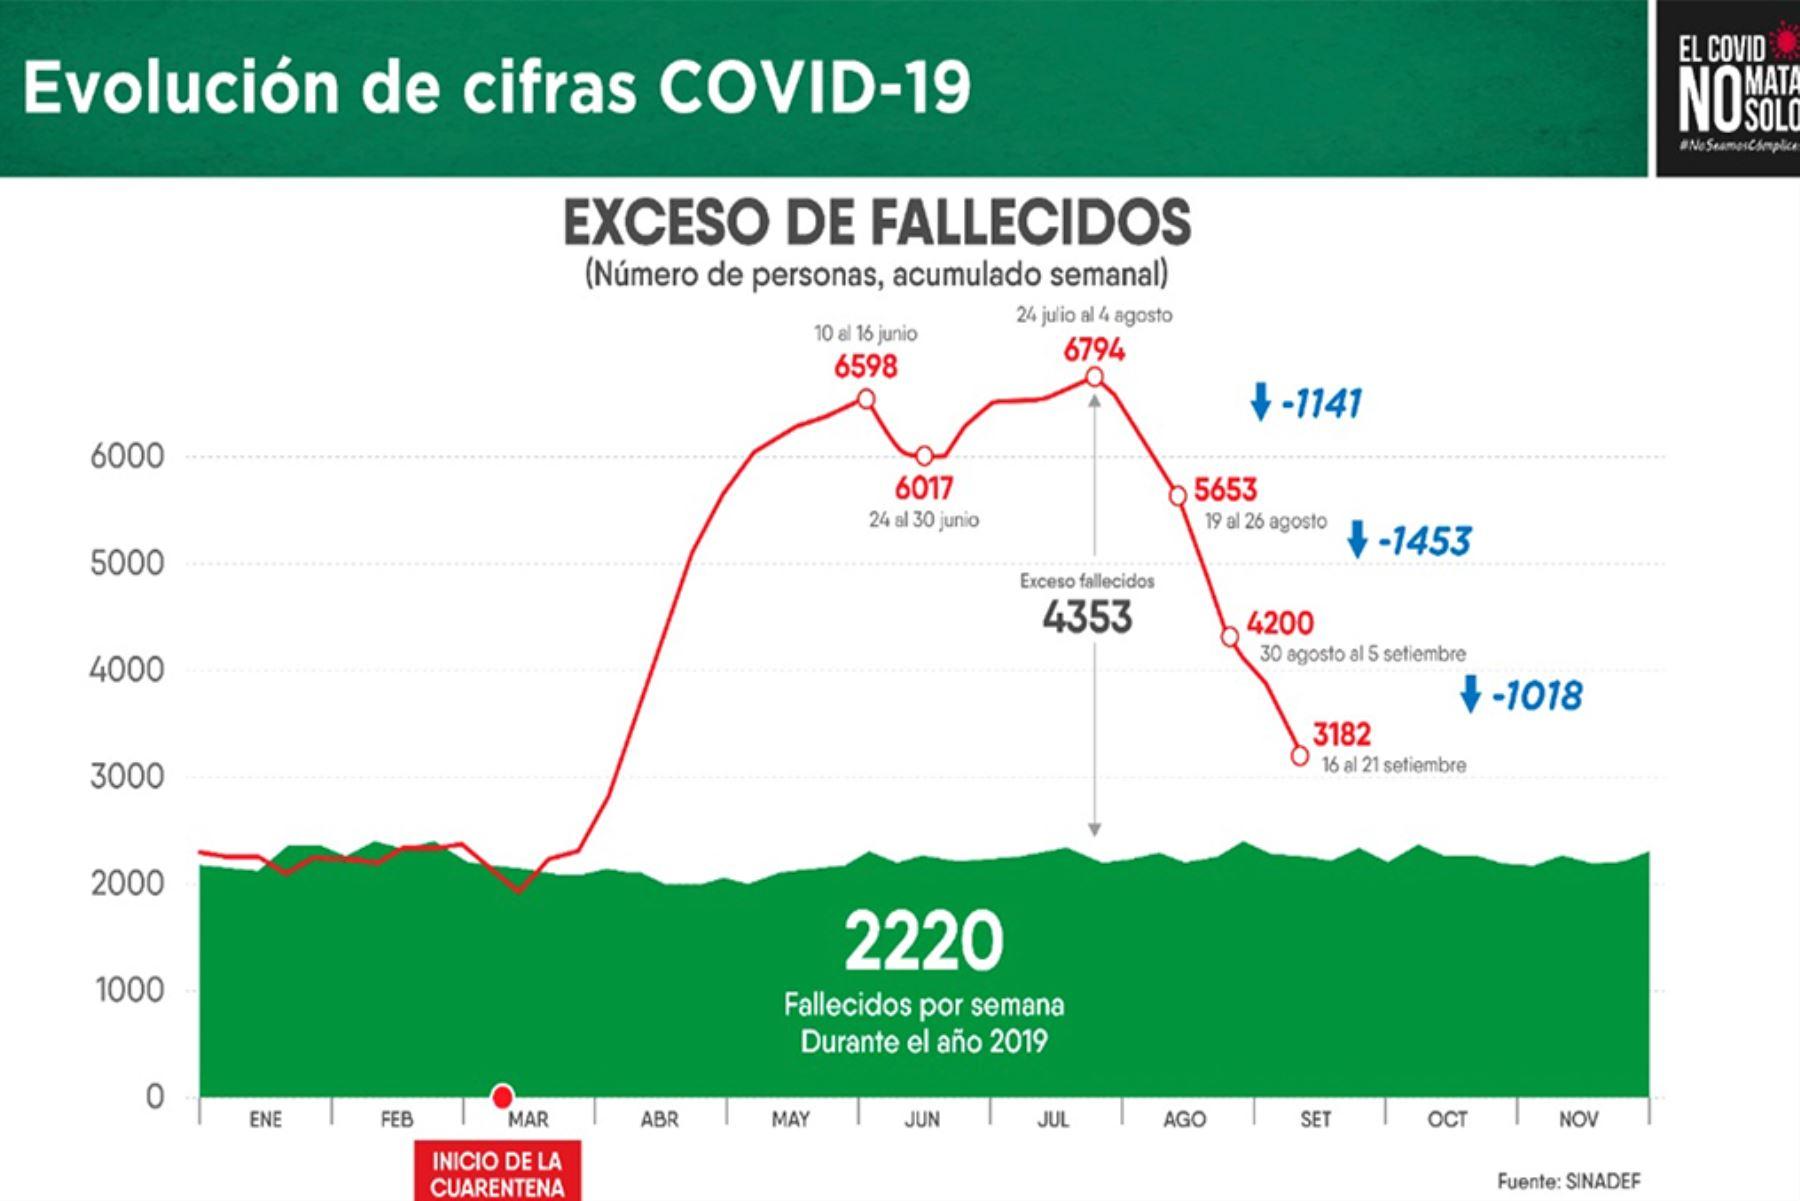 Coronavirus: nos acercamos al promedio semanal de fallecidos que había antes de pandemia